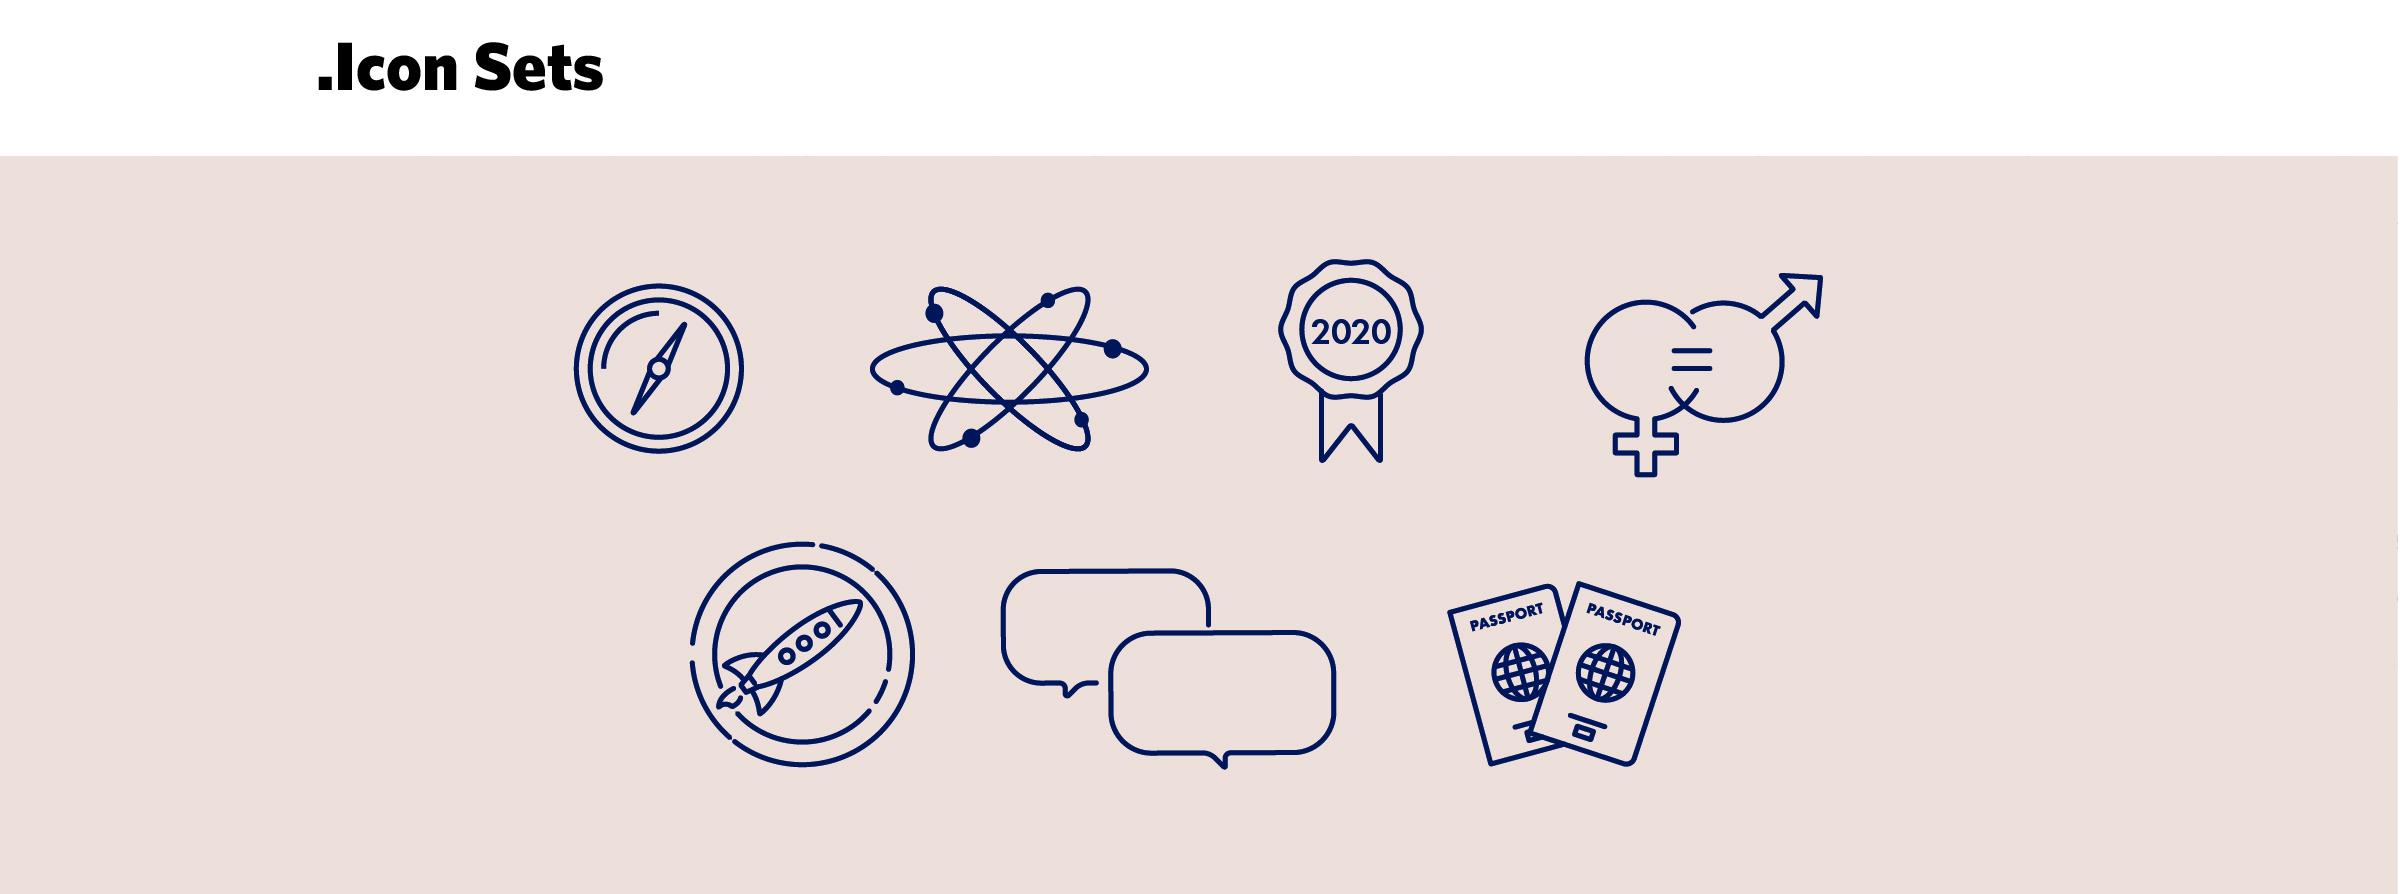 Icônes et pictogrammes pour Louis Vuitton